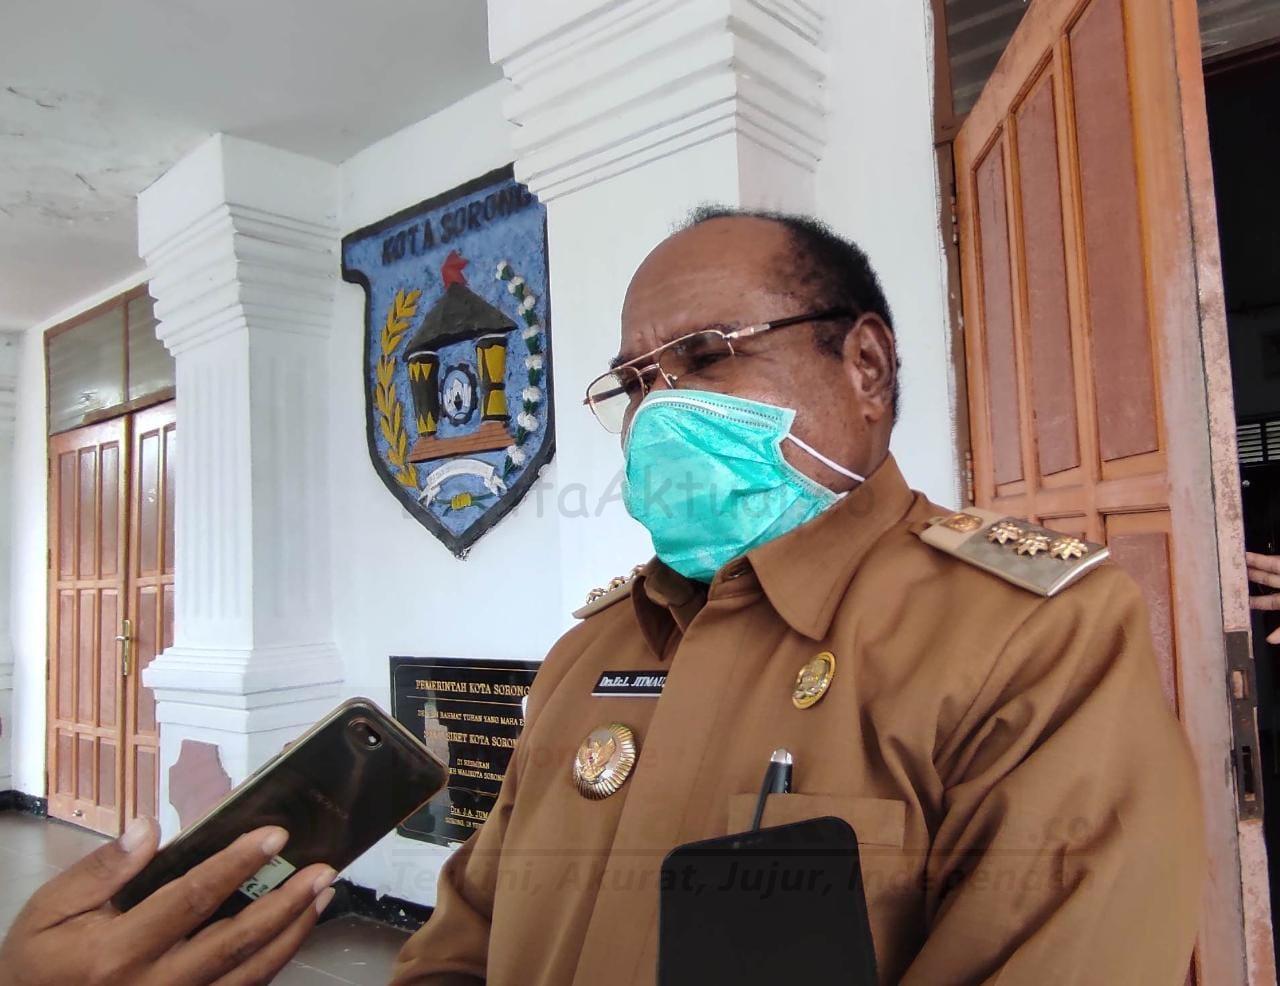 Bandara DEO Dan Pelabuhan Ditutup, Walikota Sorong: Itu Tidak Benar 3 IMG 20200908 WA0032